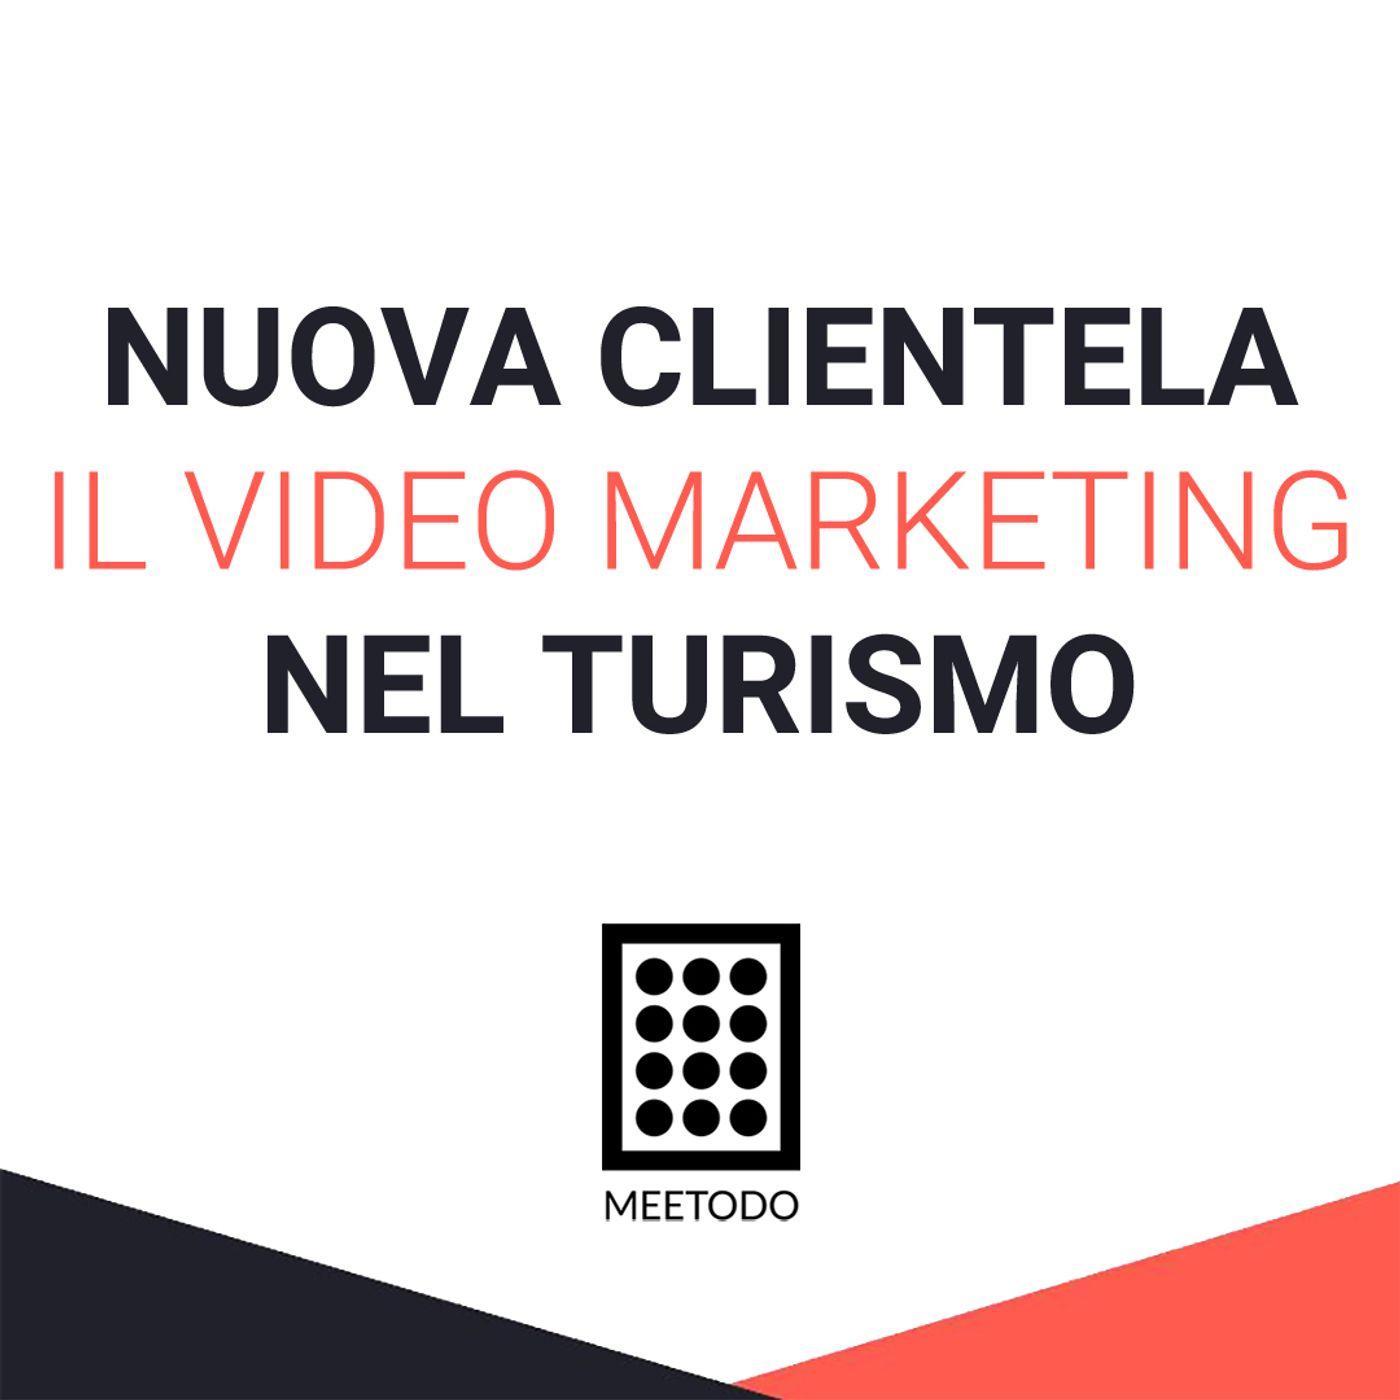 Il video marketing nel turismo, attirare nuova clientela con i video.